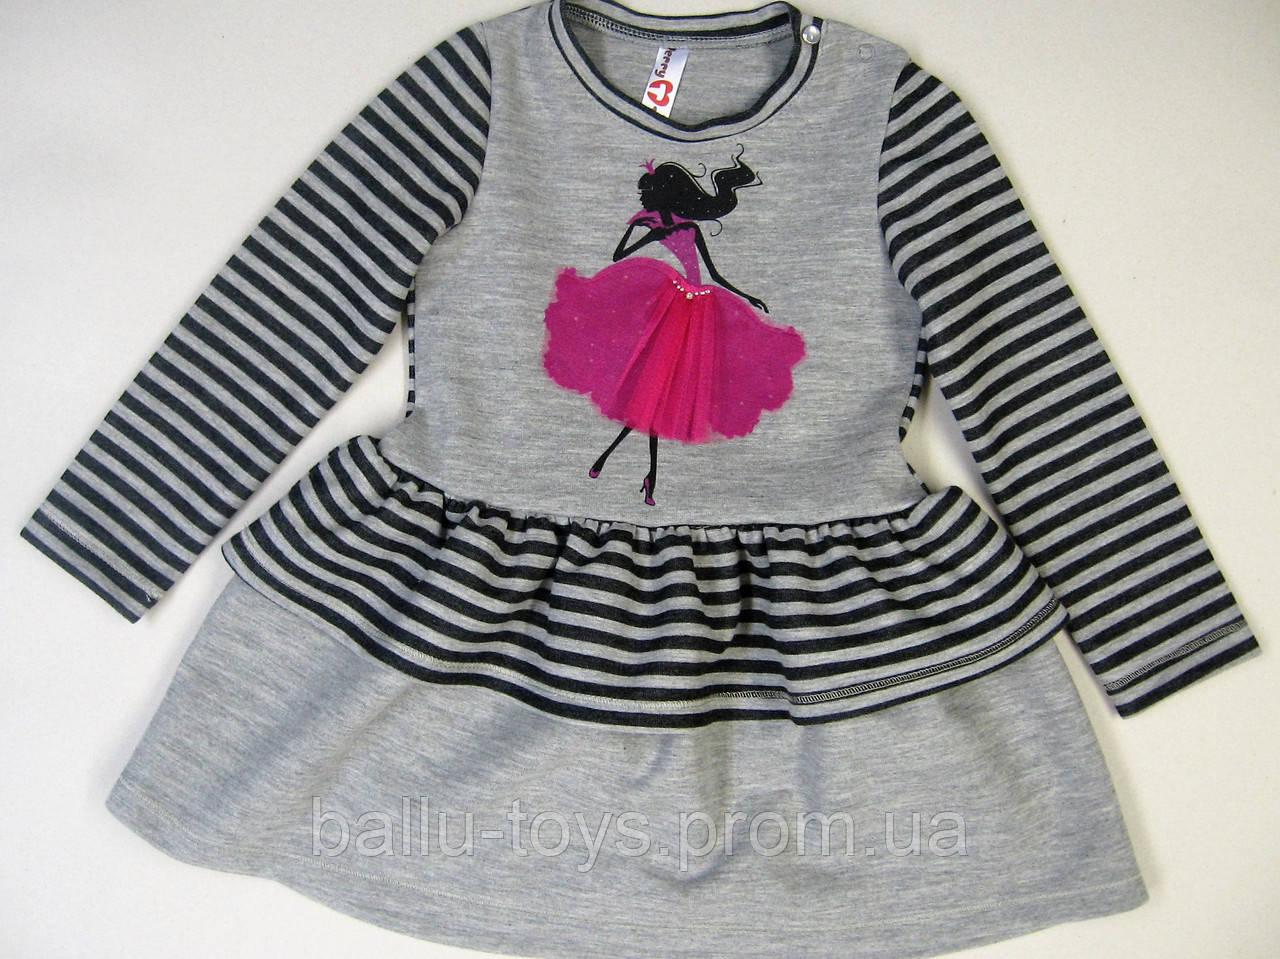 fa480af8327 Повседневное трикотажное платье на девочку (3-7 лет)  продажа